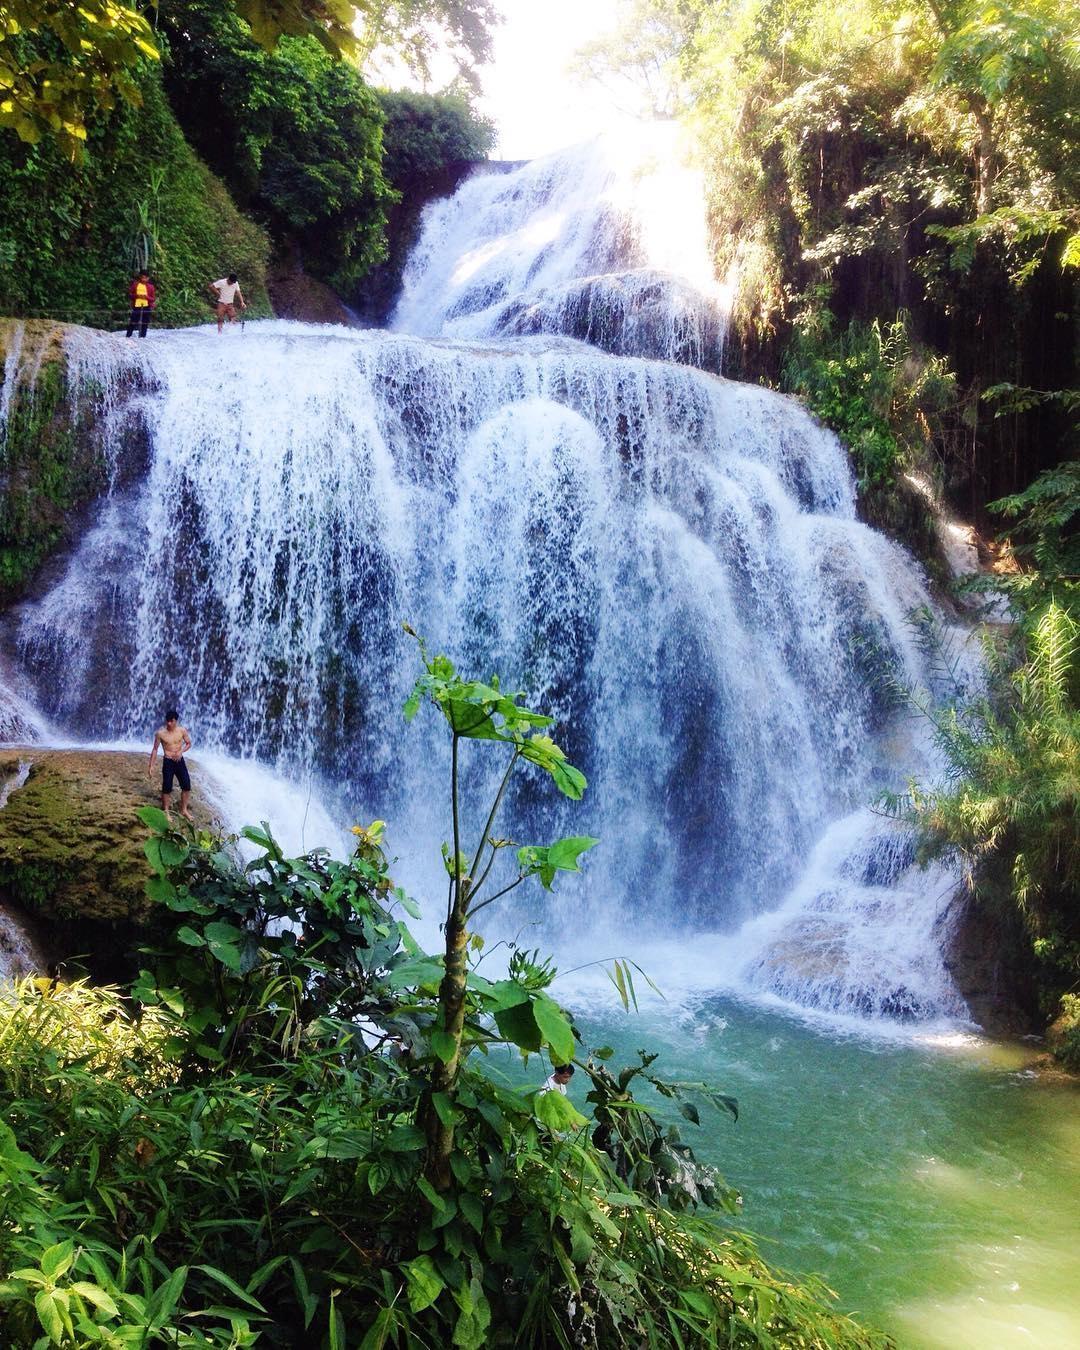 Nhìn từ xa, thác Mu tựa như một dải yếm trắng uốn lượn giữa rừng xanh ngút ngàn. (Ảnh: black)